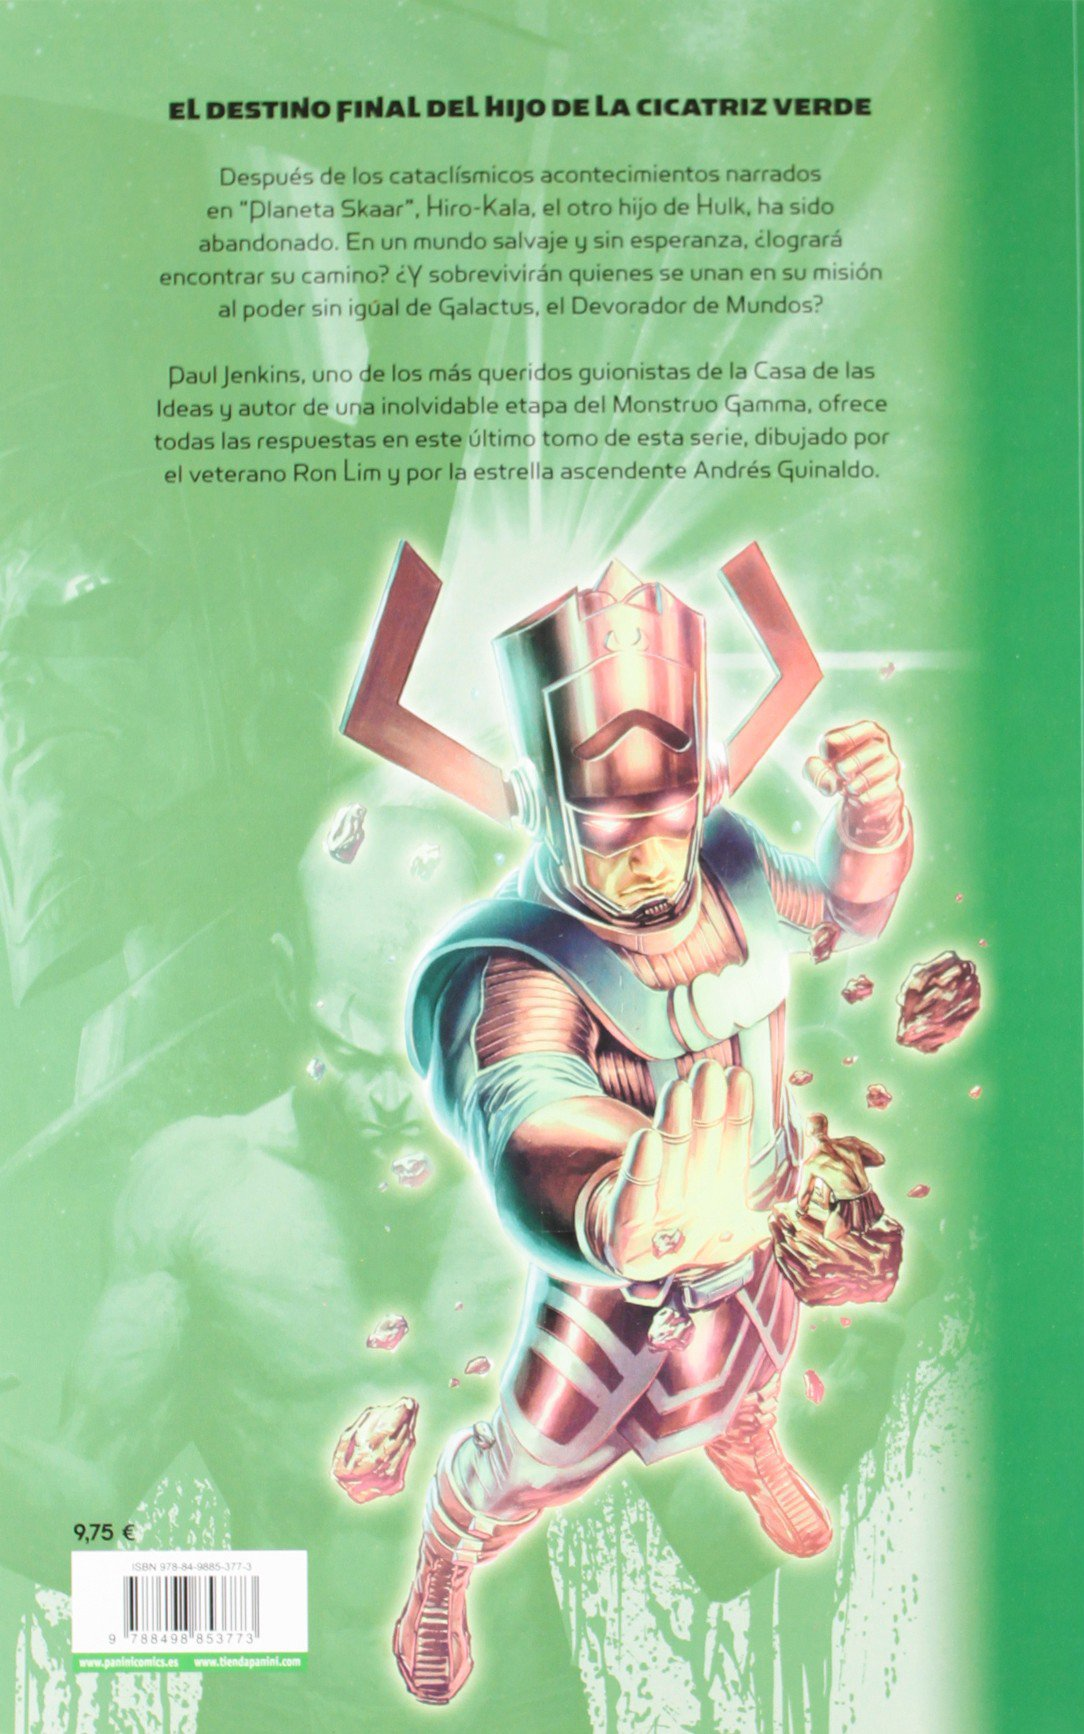 El hijo de Hulk 3: Amazon.es: Guinaldo, Andrés, Jenkins, Paul ...